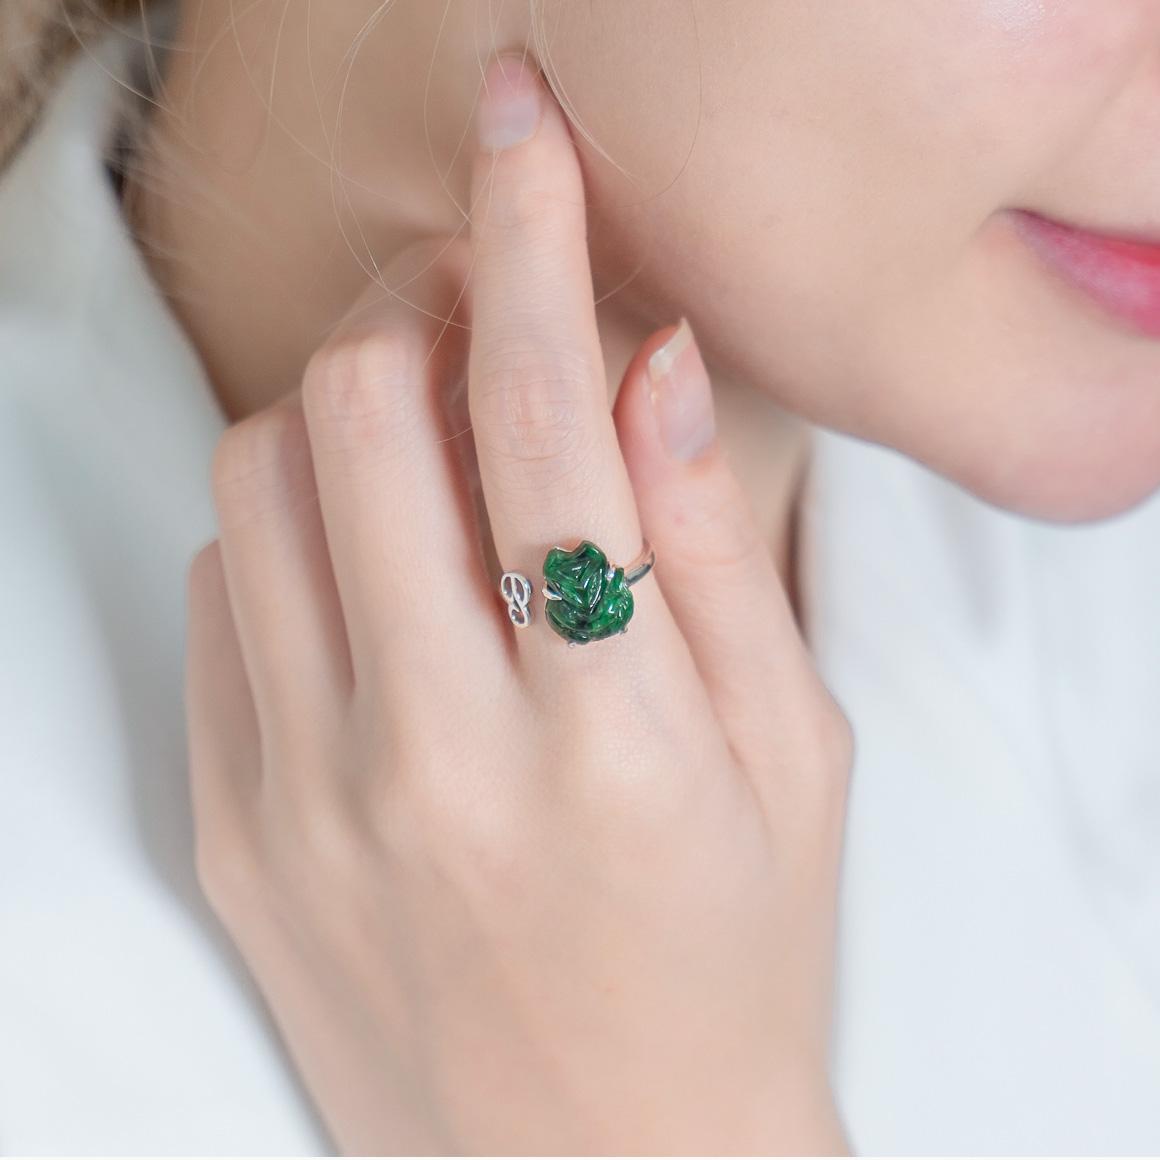 Nữ đeo nhẫn ngón trỏ tay trái